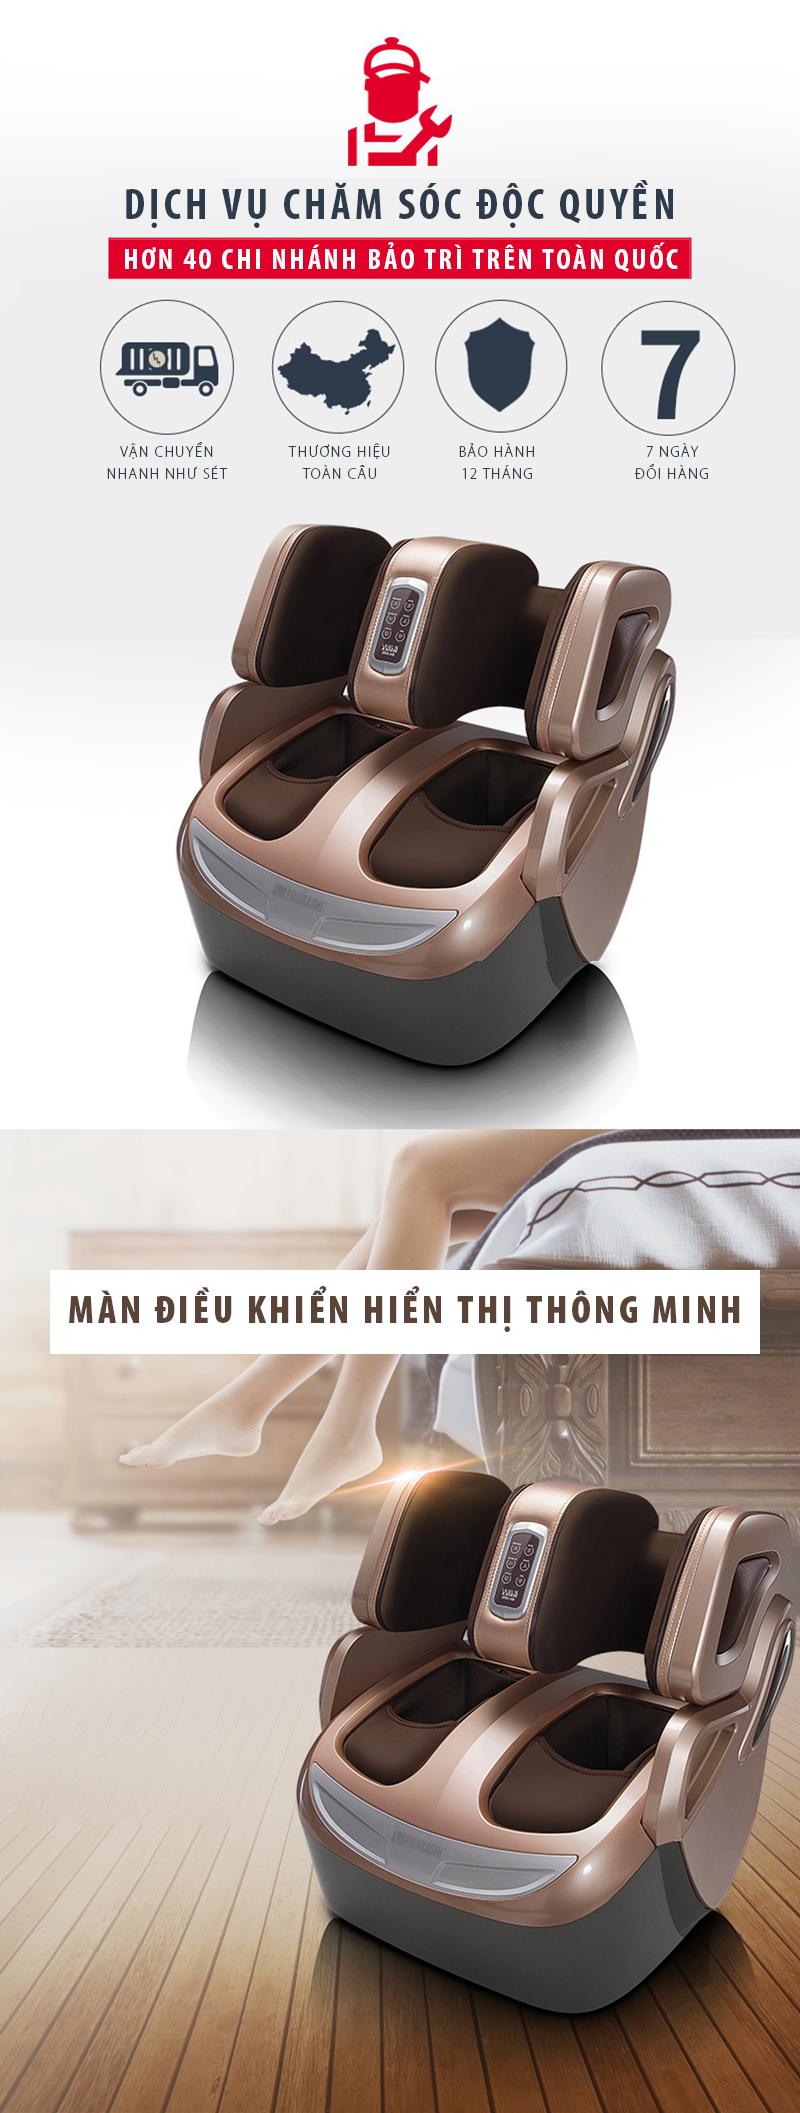 Có thiết kế màn hình điều khiển trên ghế massage